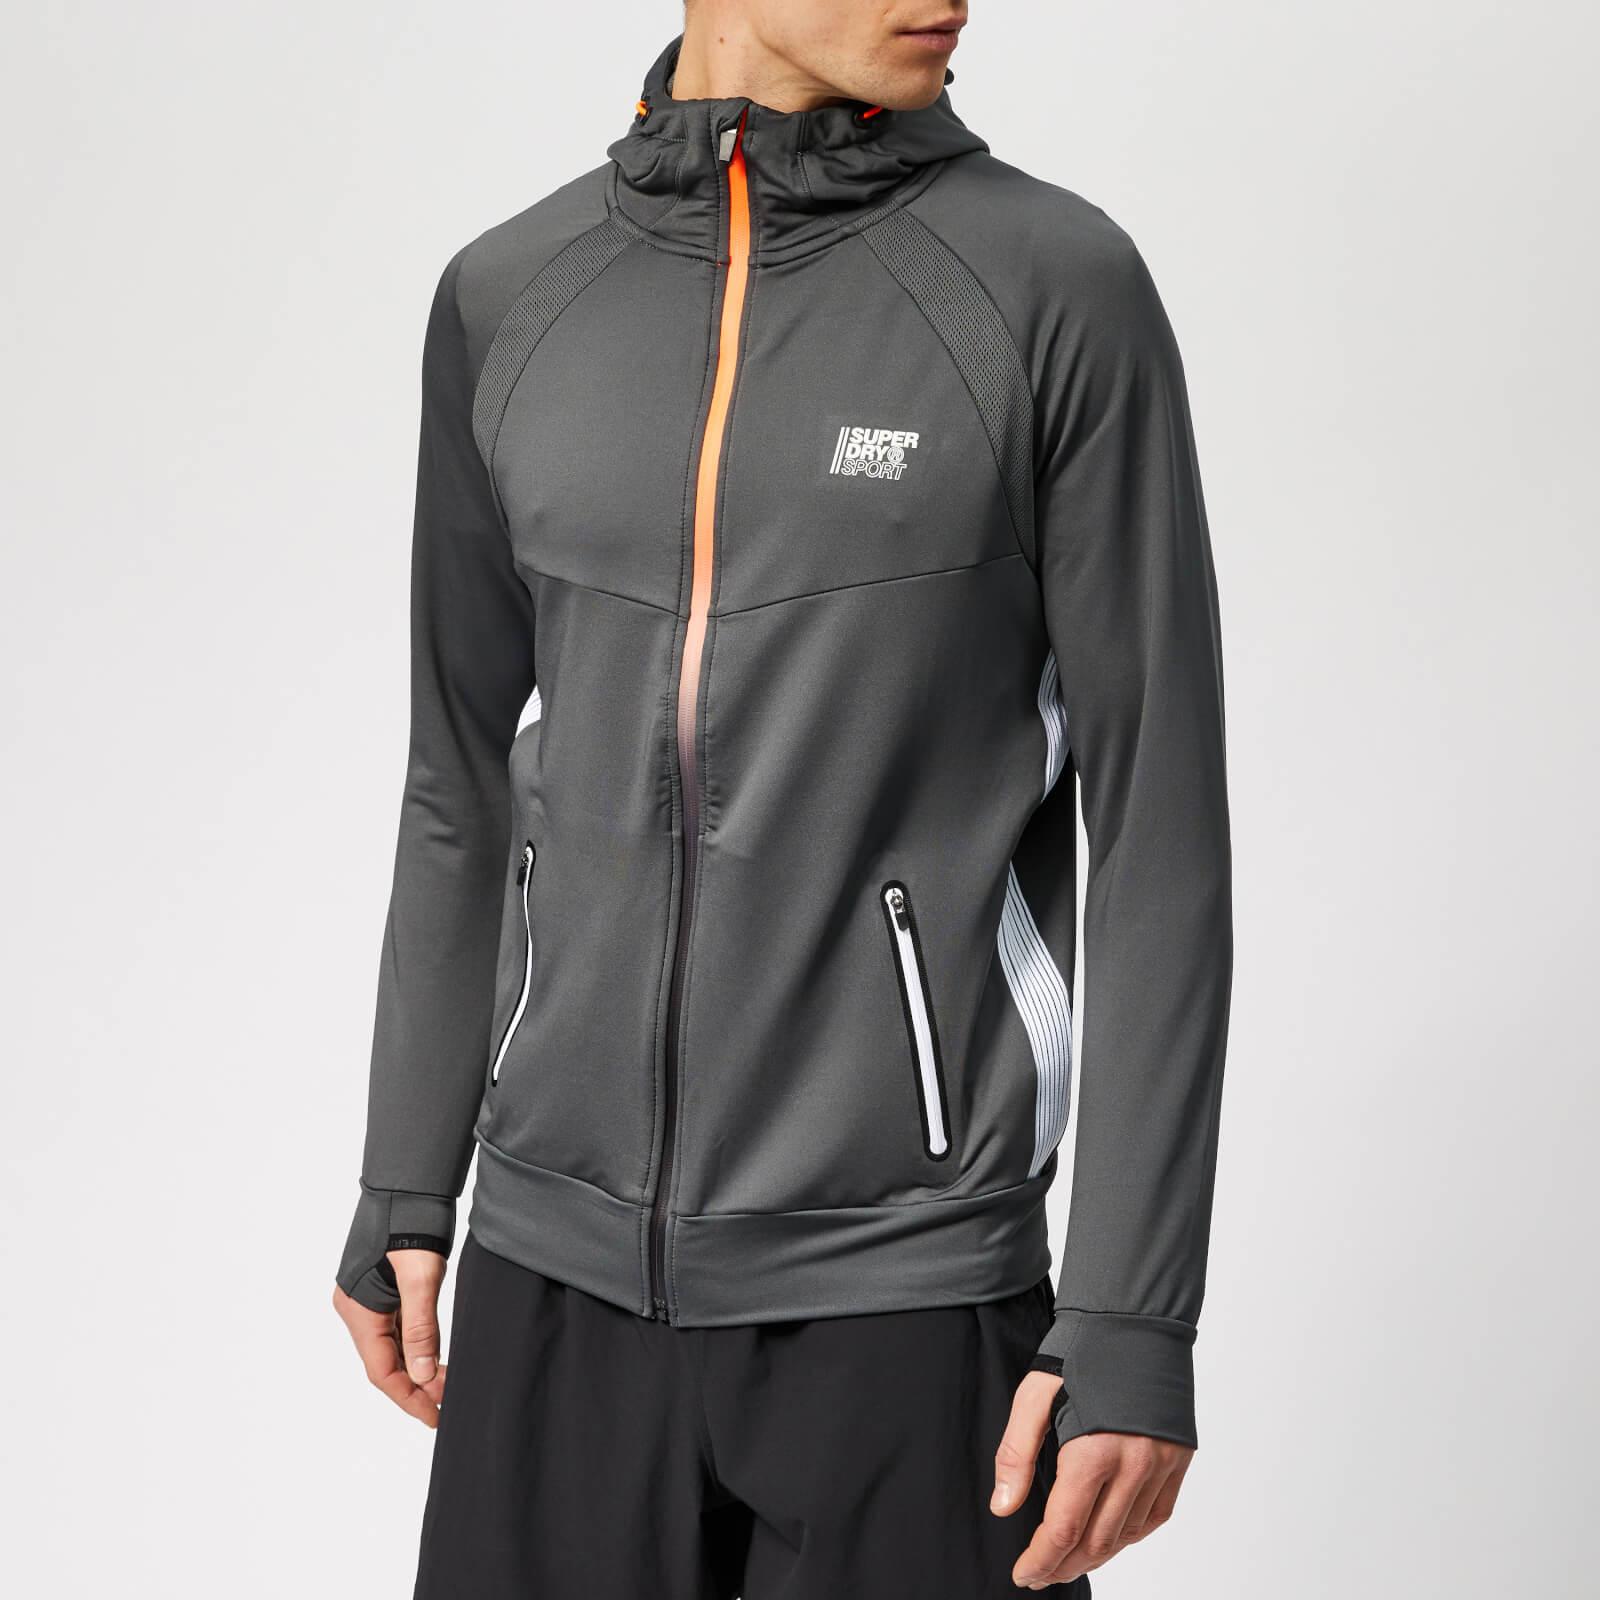 Superdry Sport Men's Active Training Zip Hoody - Cool Olive - XL - Grey